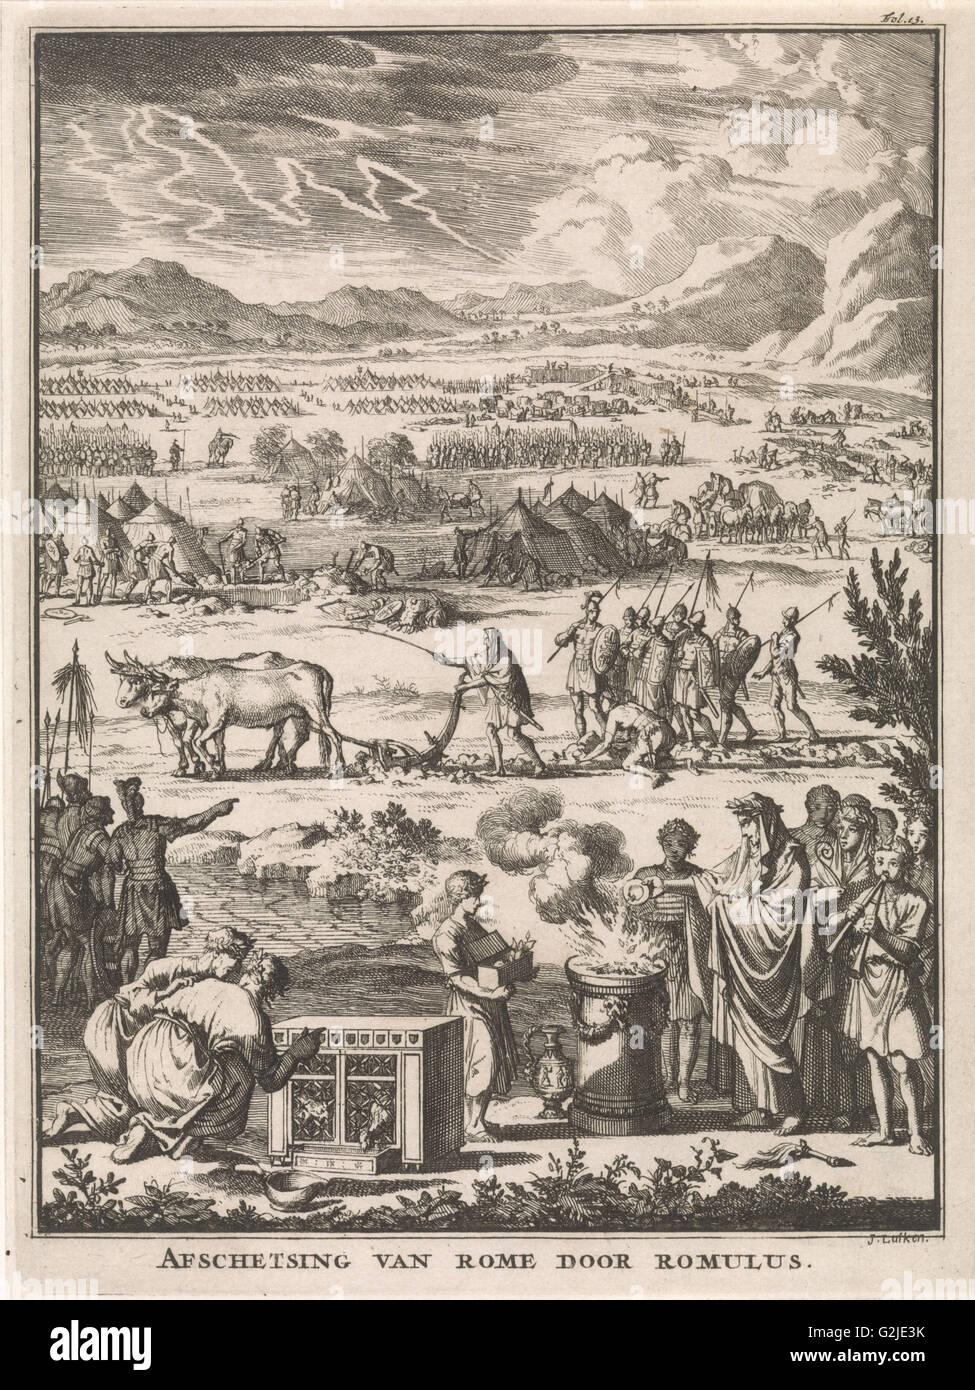 Romulus founding Rome, Jan Luyken, François Halma, Willem van de Water, 1697 - Stock Image